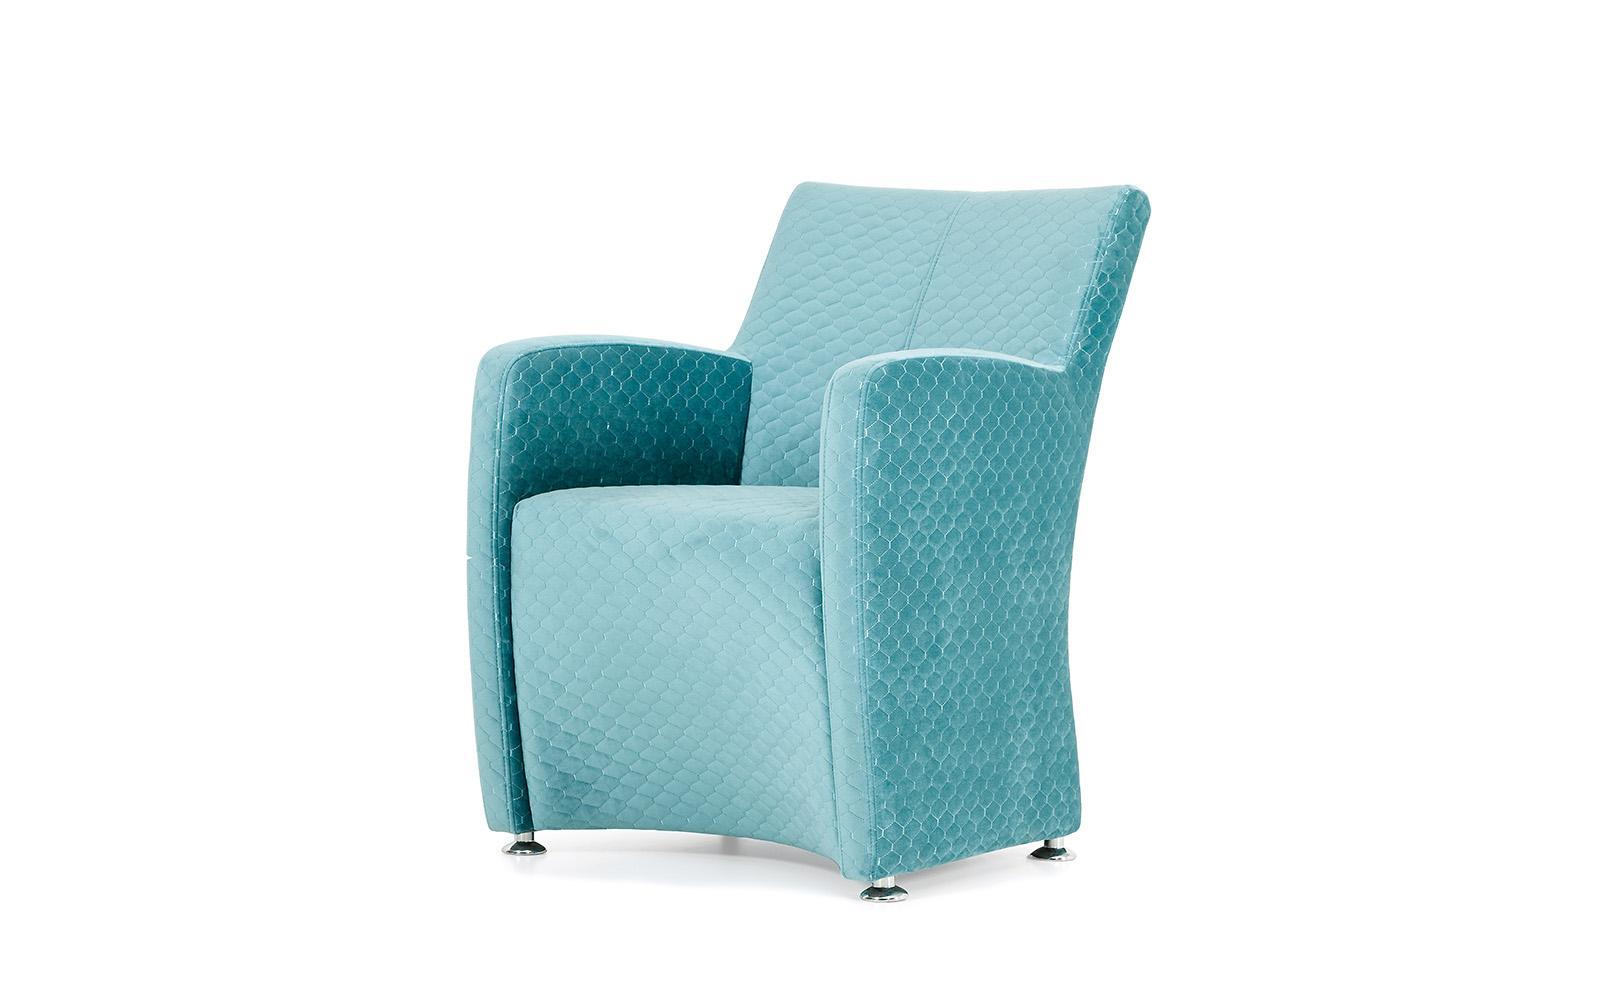 Кресло № 445. Мебельный магазин Мебель Ленд. Санкт-Петербург